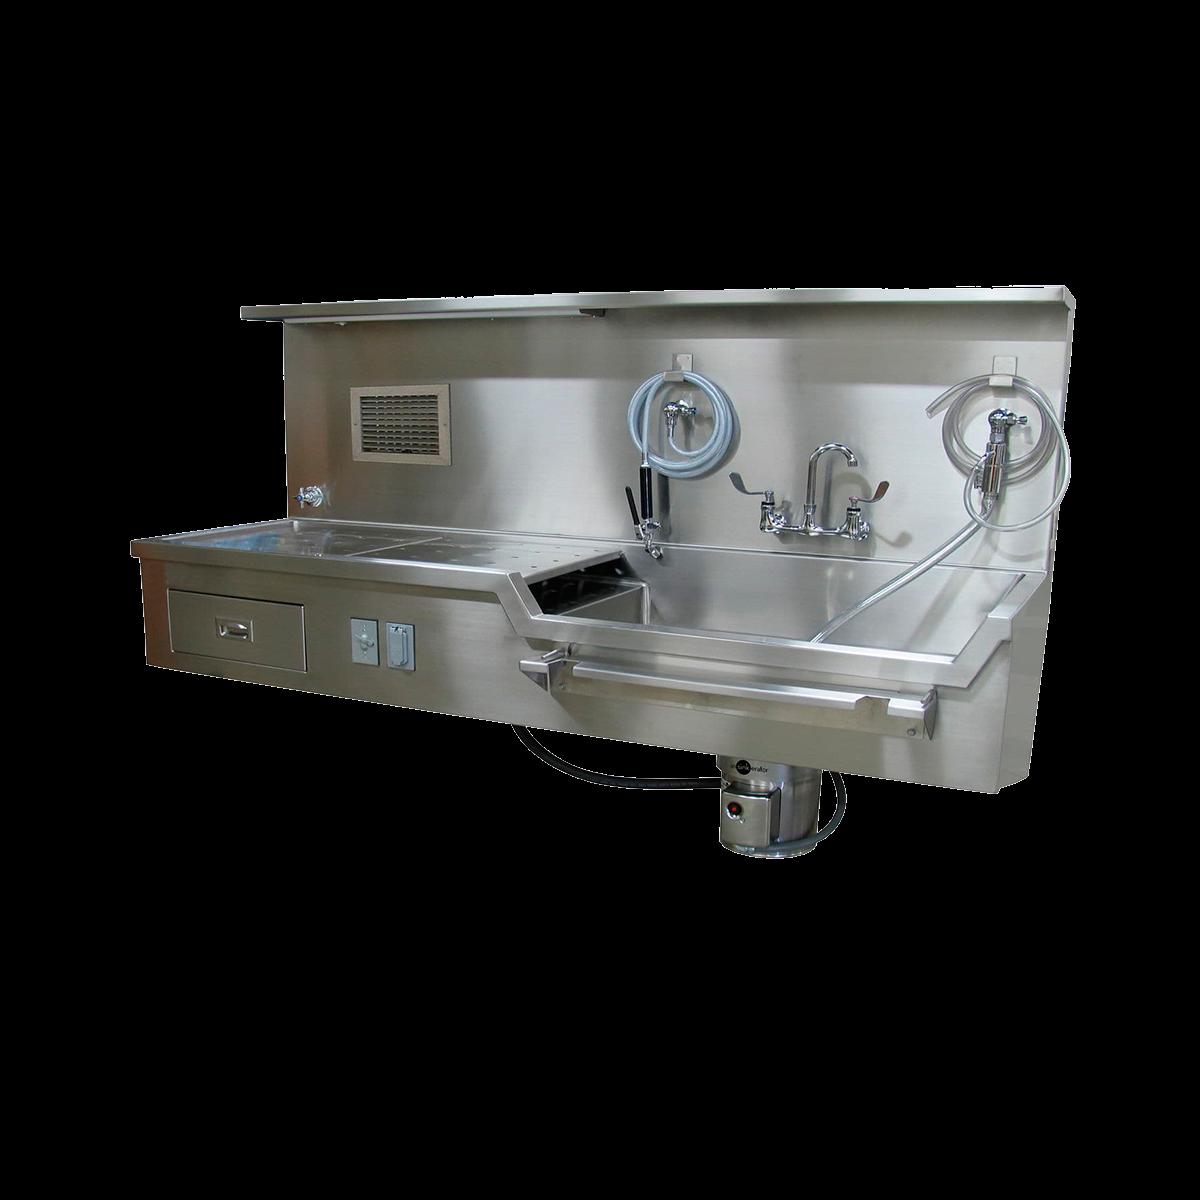 Mortuary washing units